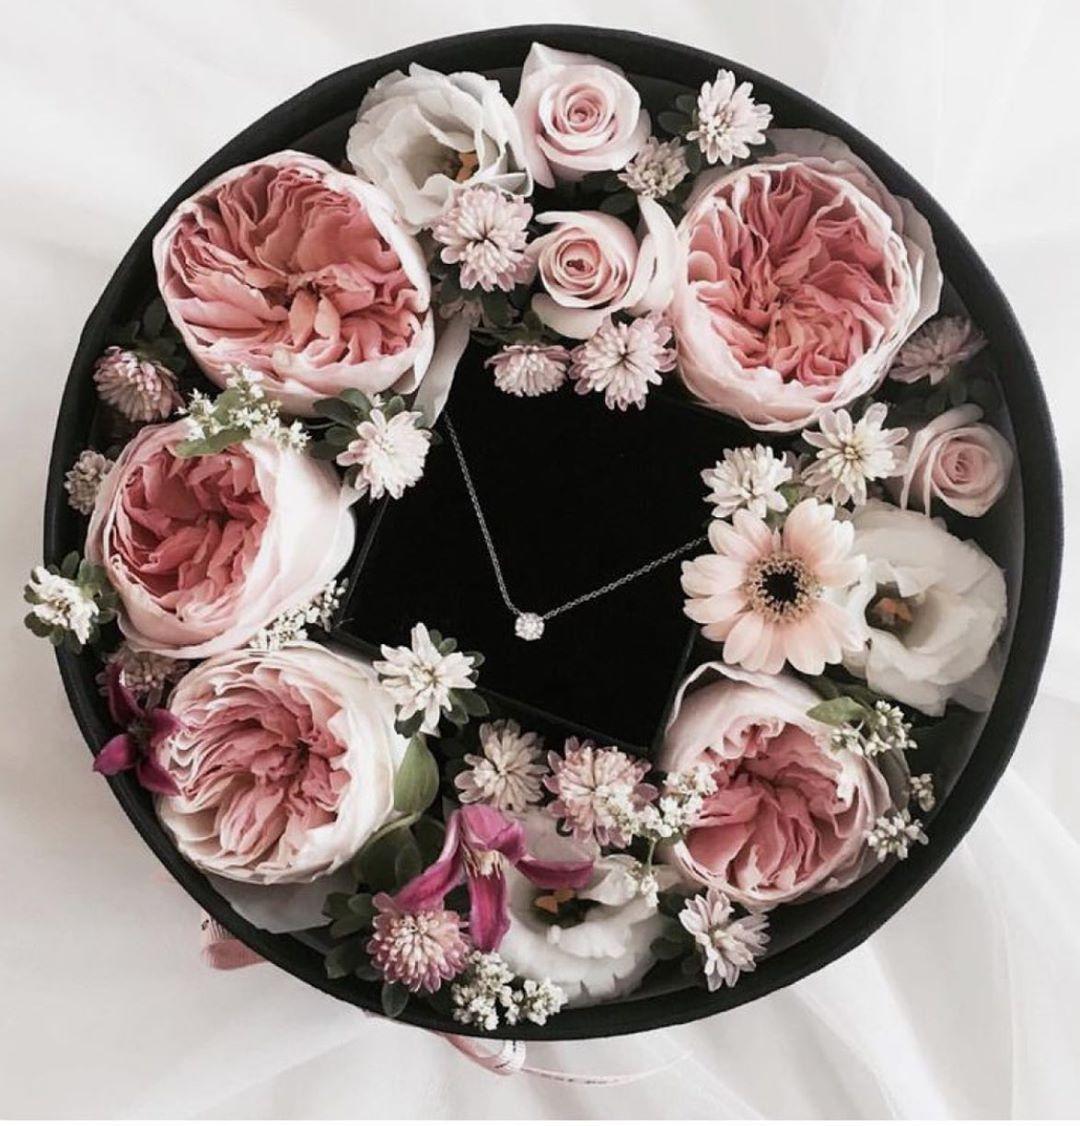 Kedves Urak! Legyetek kreatívak és lepjétek meg kedveseteket egy szép nyaklánccal, órával,karkötővel egy igazán különleges ékszerboxba csomagolva!! ☺️🤗🌸 Keress bátran,hogy segíthessek még szebbé tenni az ajándékot! 💐🎁🌷🌸 #giftideas#flowerbox#jewelryb